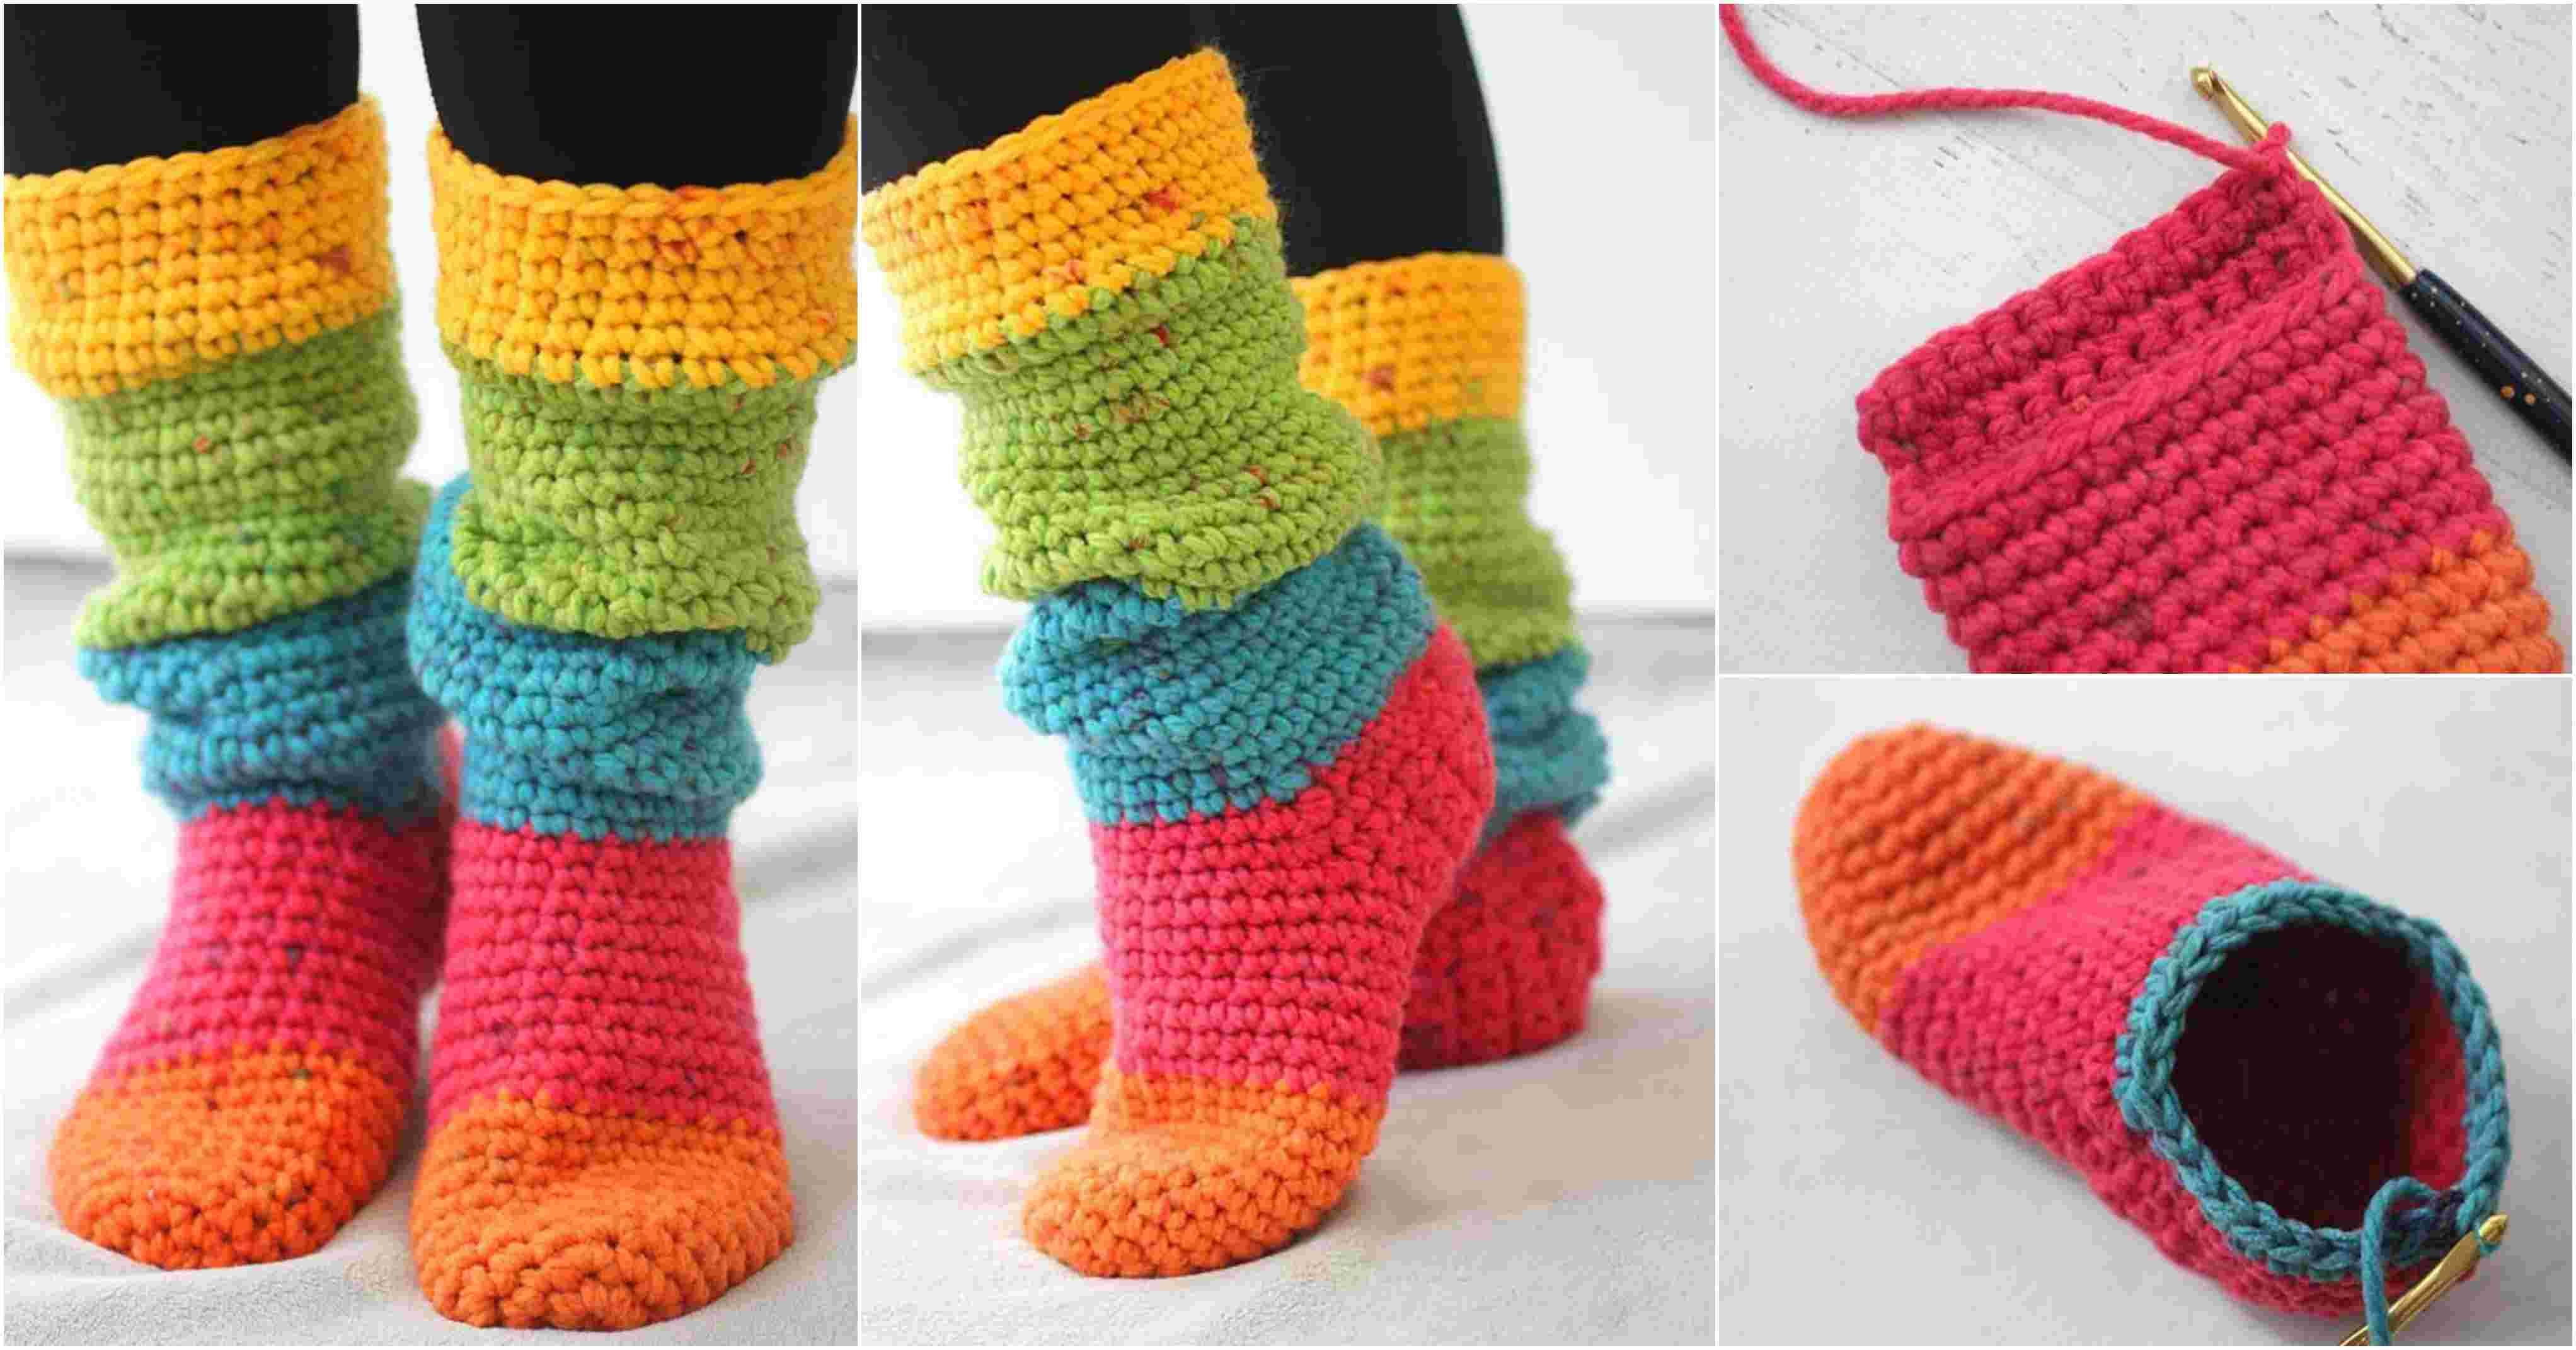 Crochet Slouchy Slipper Socks